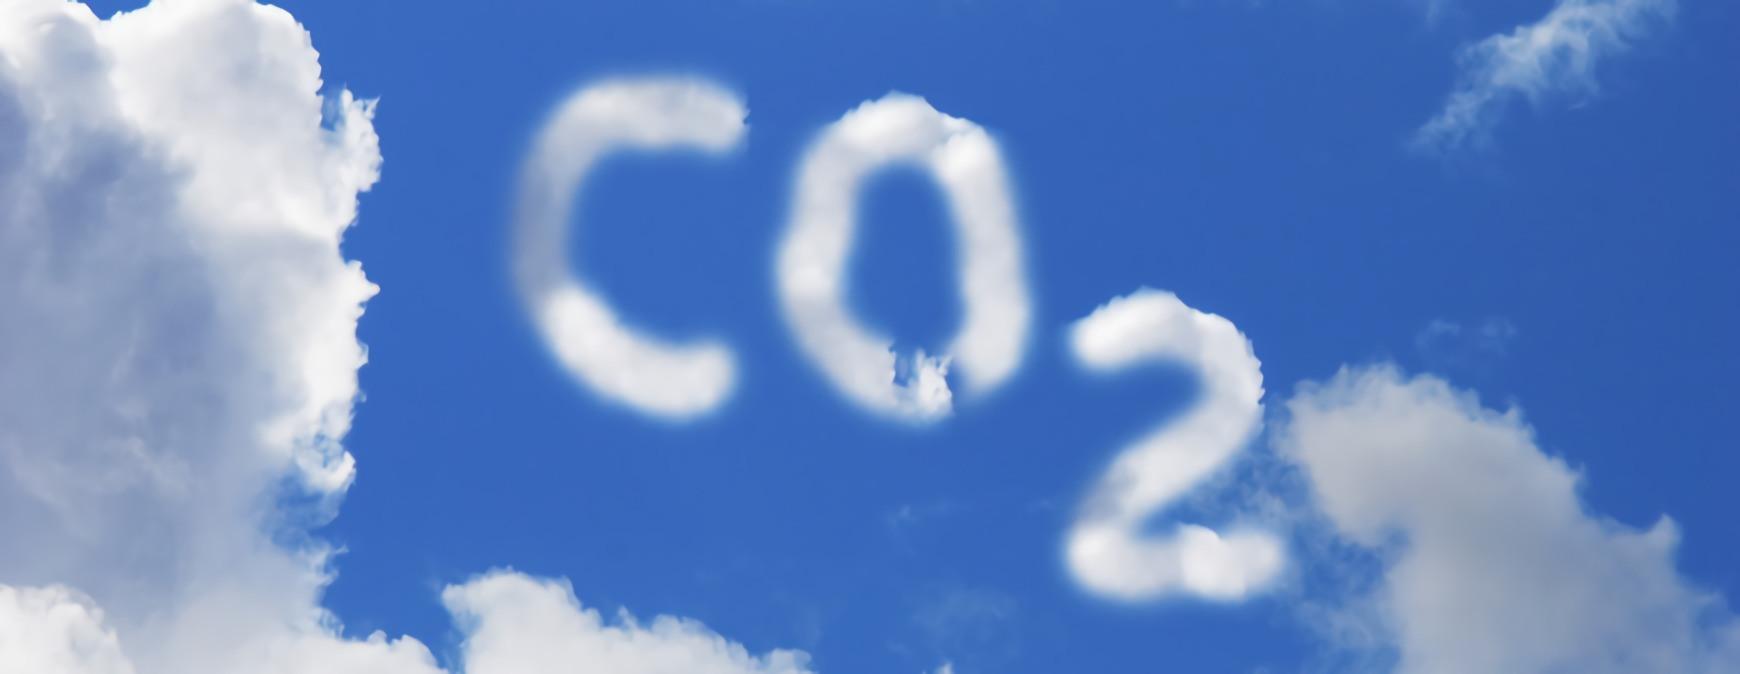 co2 air quality